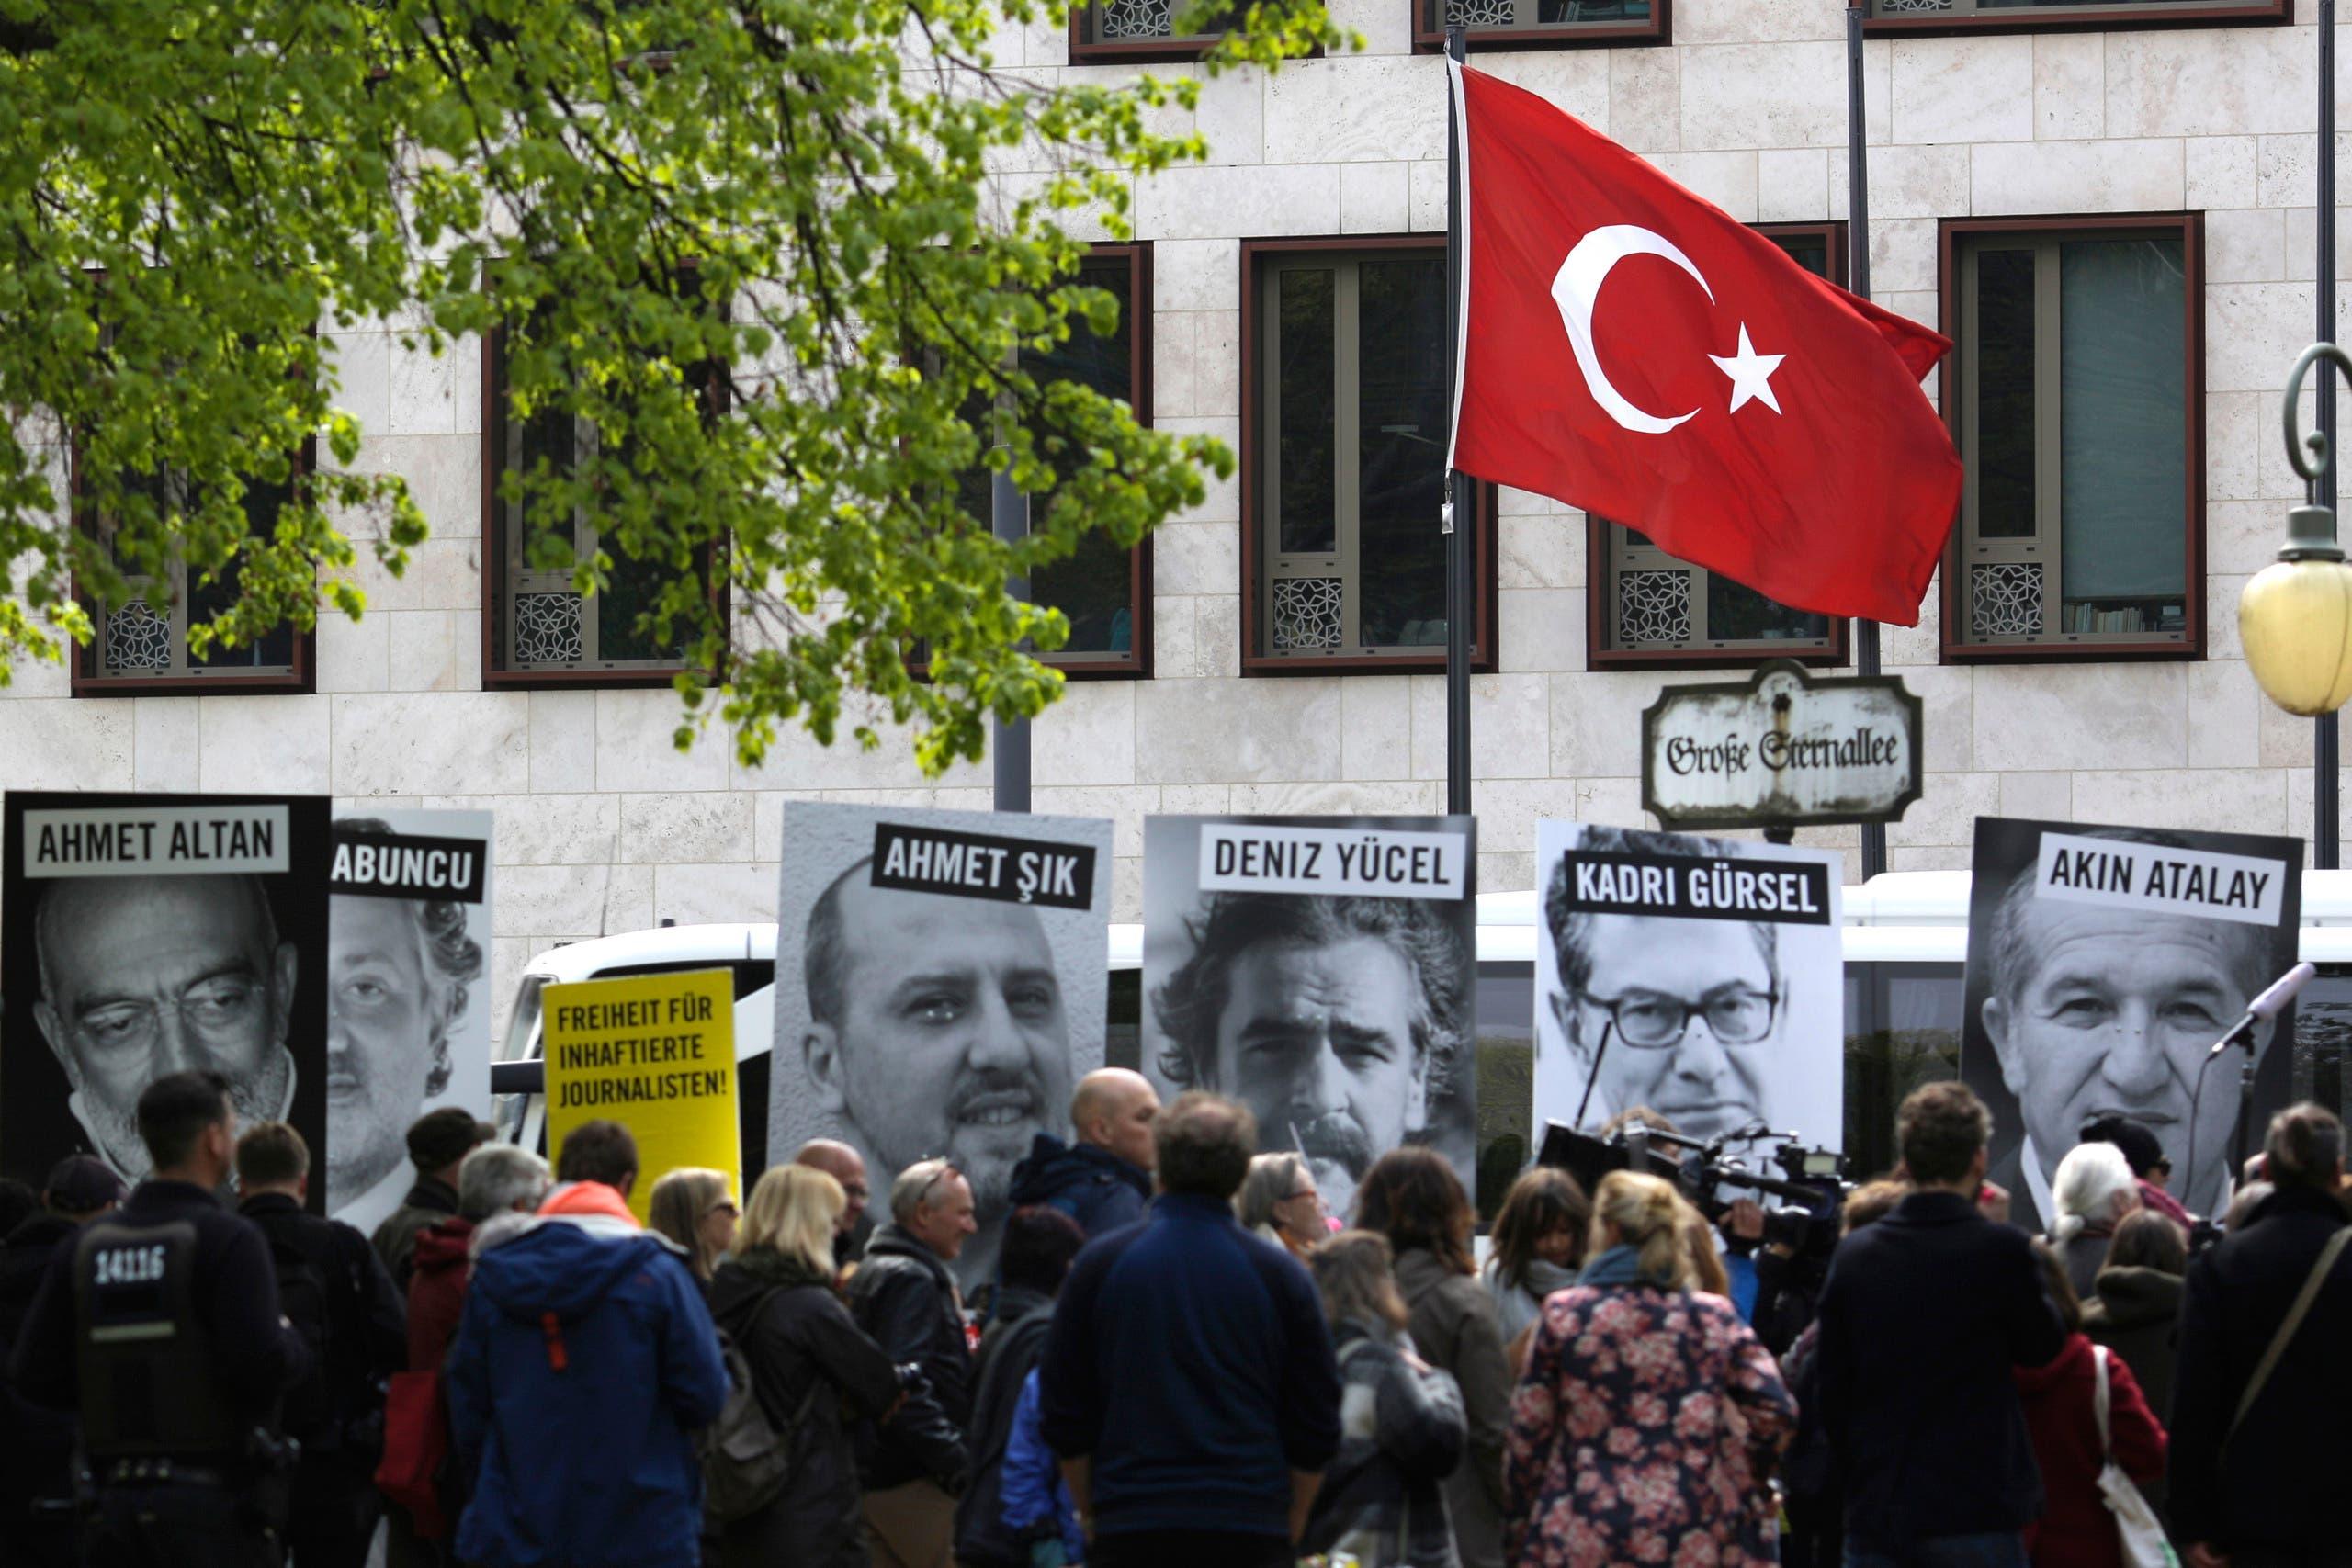 تظاهرات تطالب بحرية الصحافة في تركيا